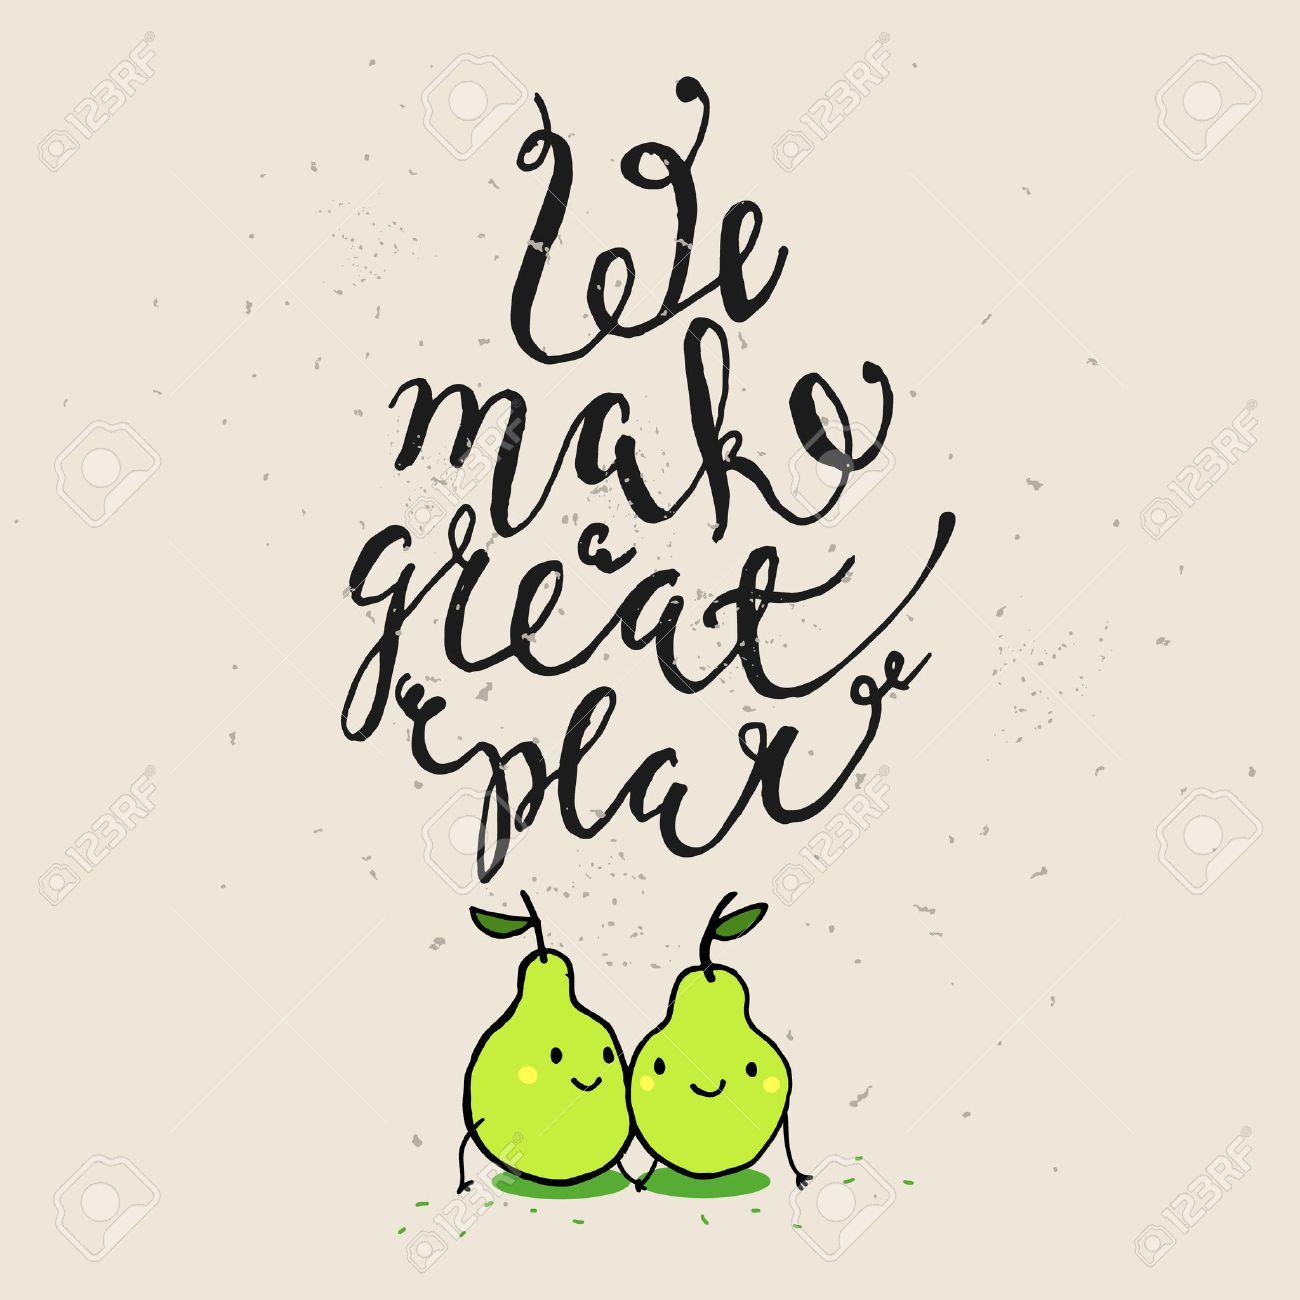 Frases Divertidas Sobre El Amor Dibujado A Mano La Tarjeta Del Dia